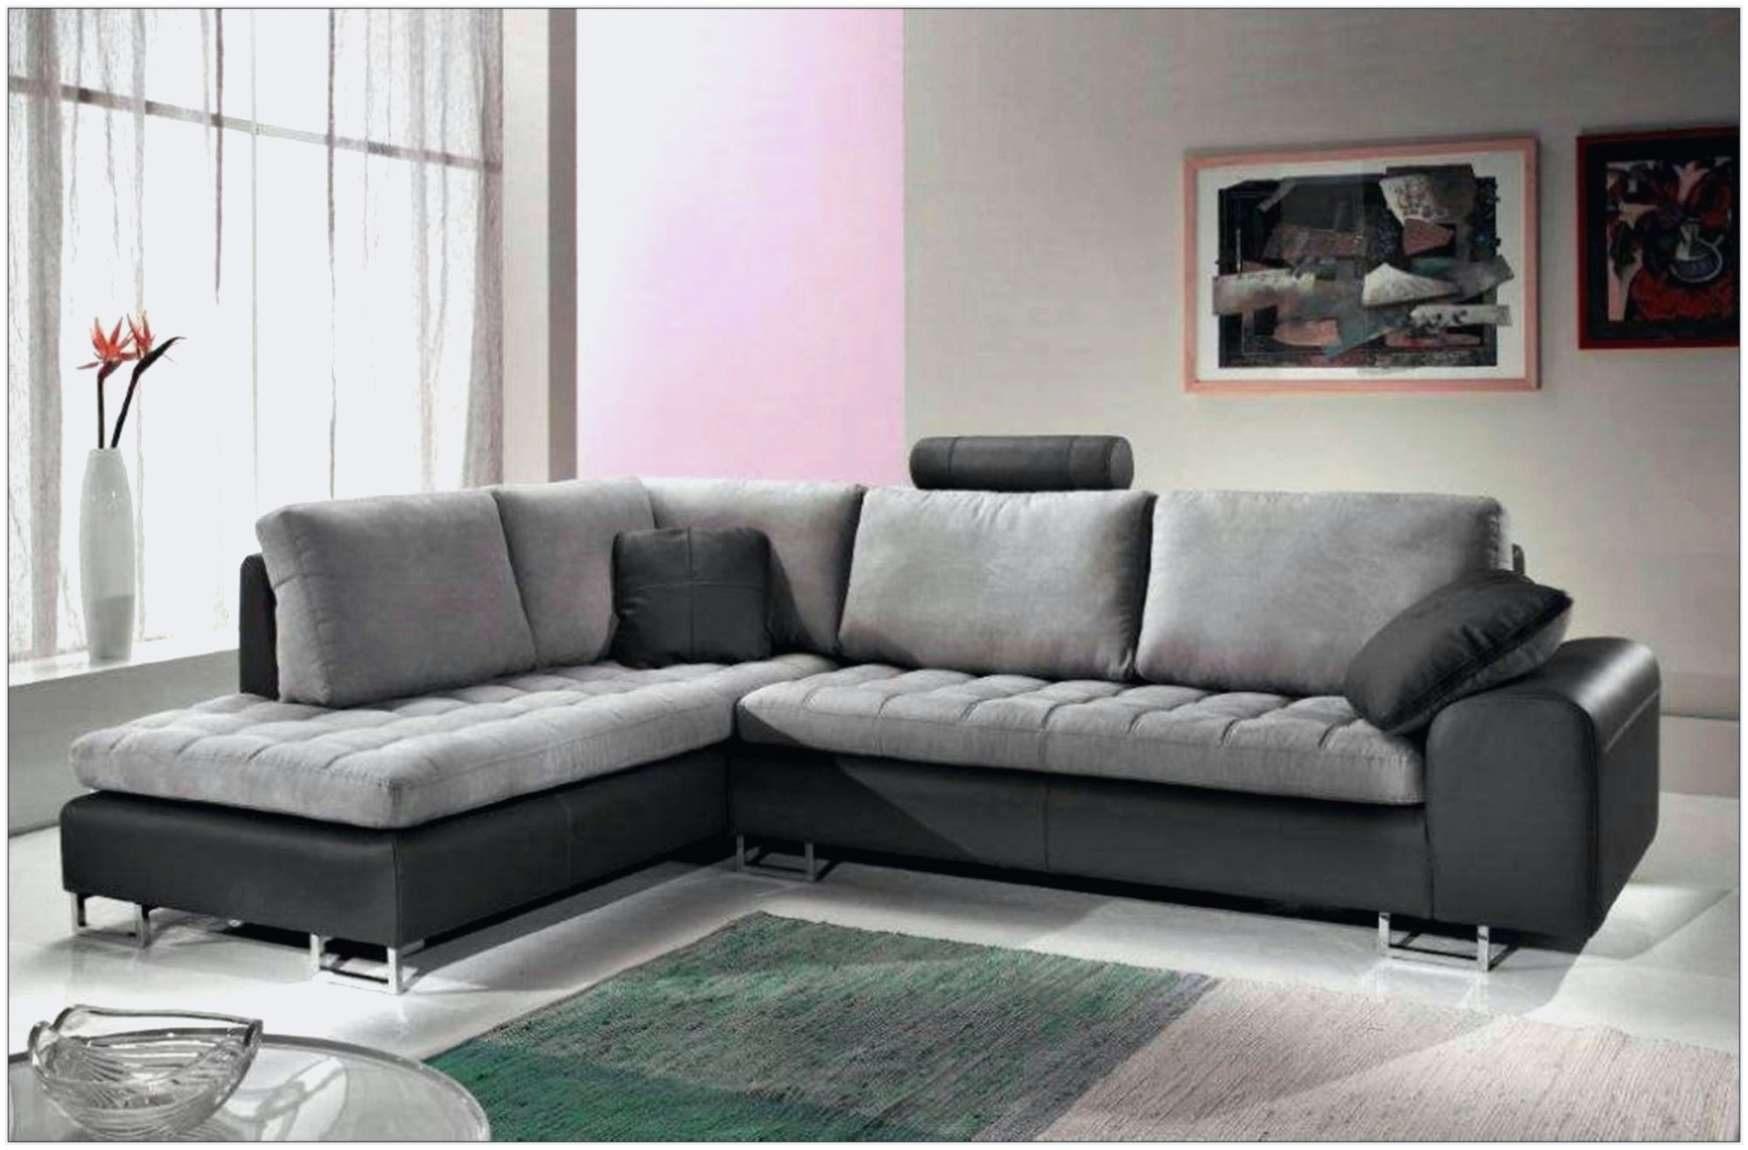 Lit Escamotable Canapé Ikea Magnifique Beau Canapé D Angle — Puredebrideur Pour Alternative Canapé Angle